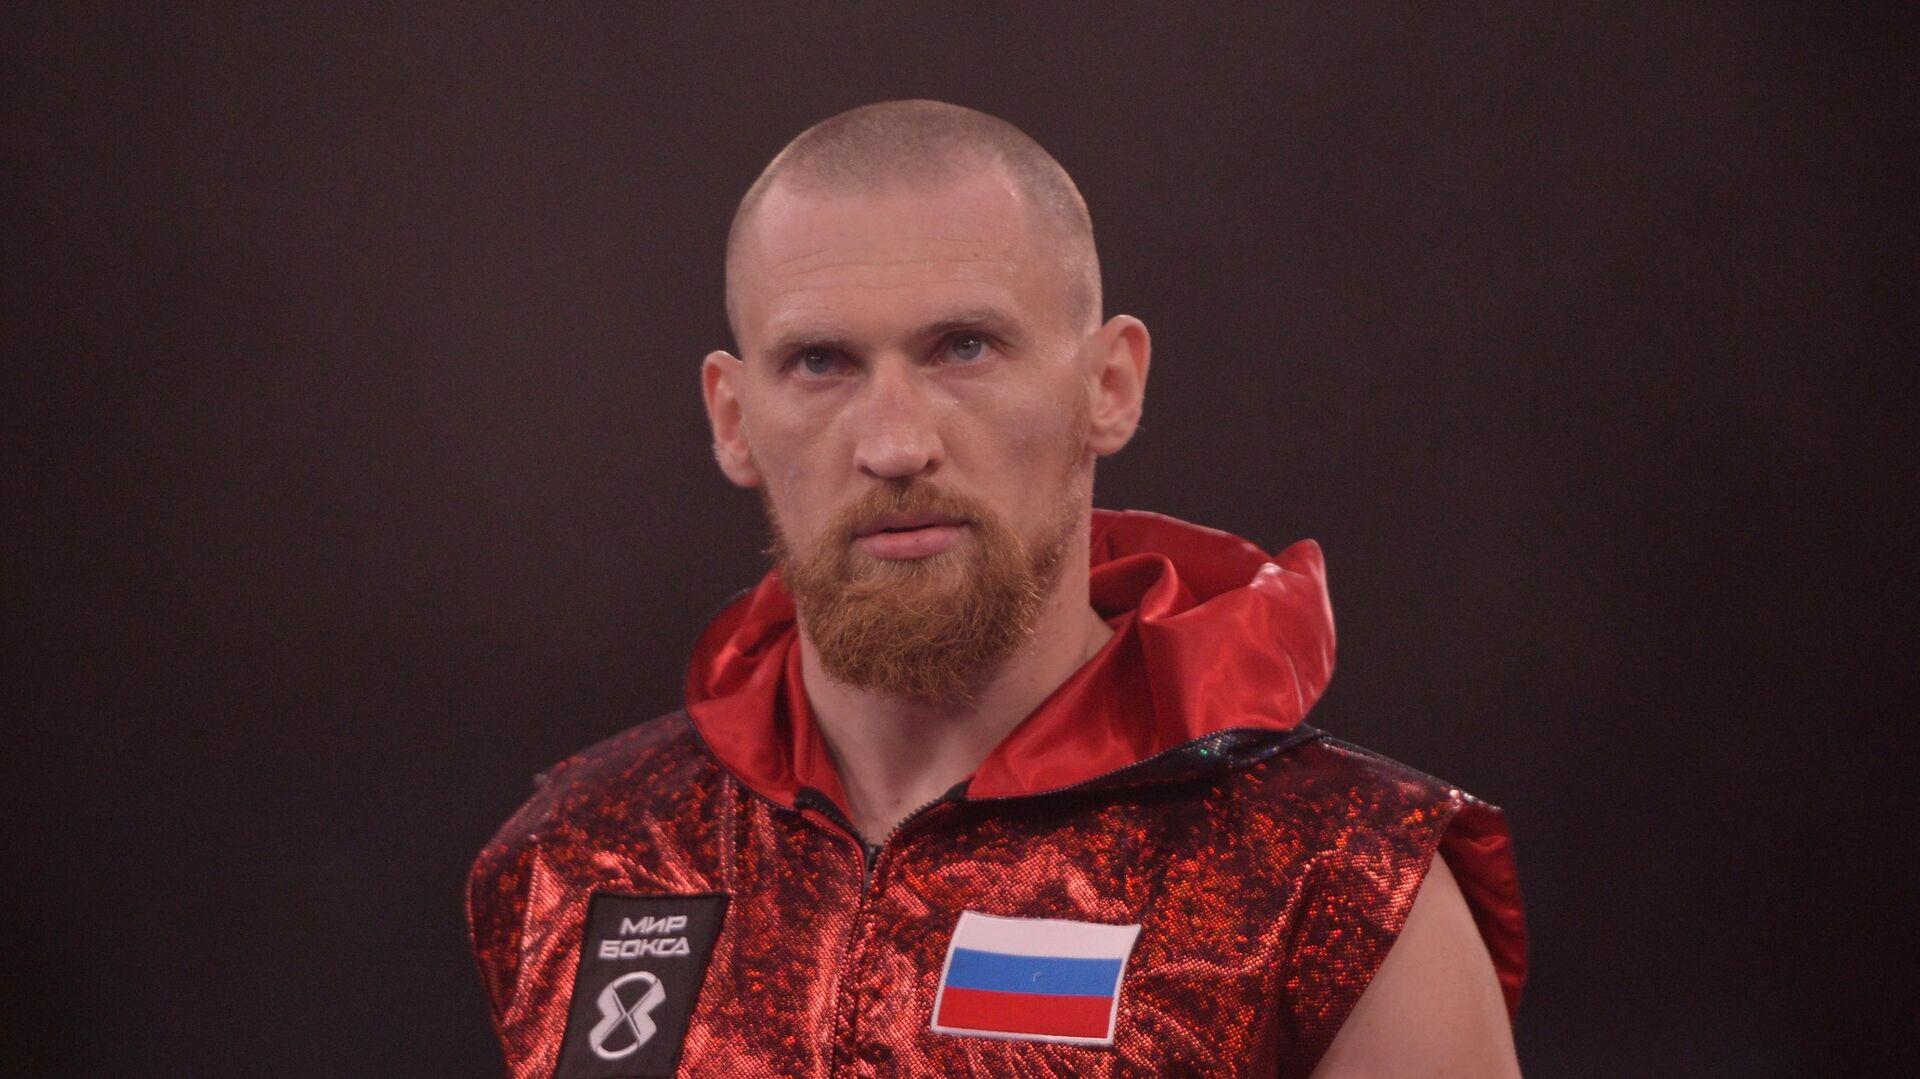 Боксерское шоу в Екатеринбурге - РИА Новости, 1920, 27.09.2021